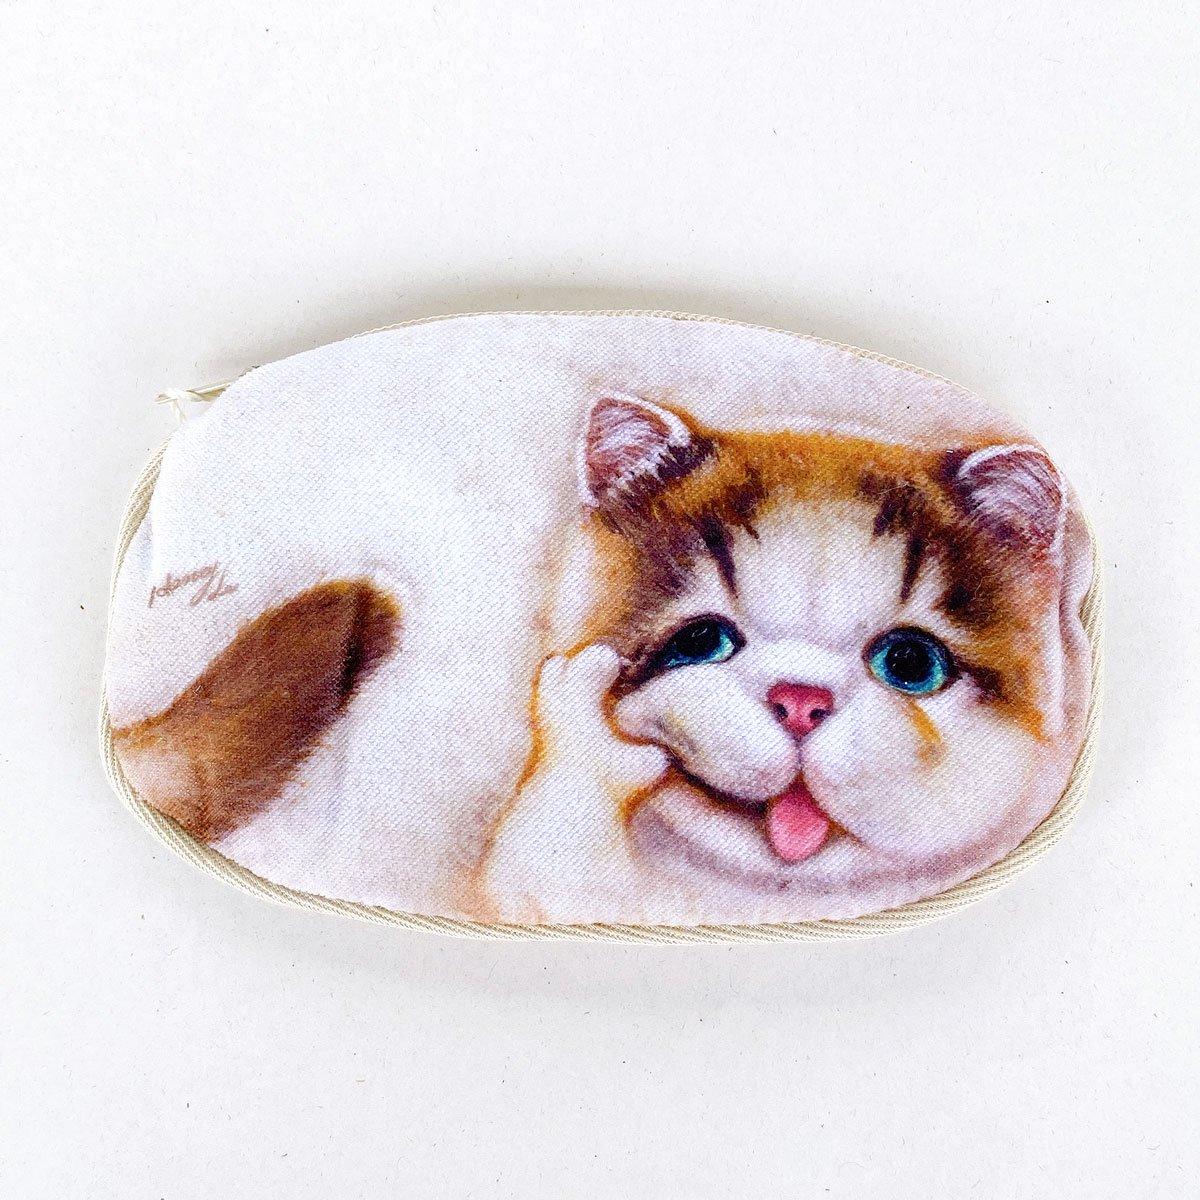 ヘンリーキャット(Henry Cats & Friends) コインパース オスカー